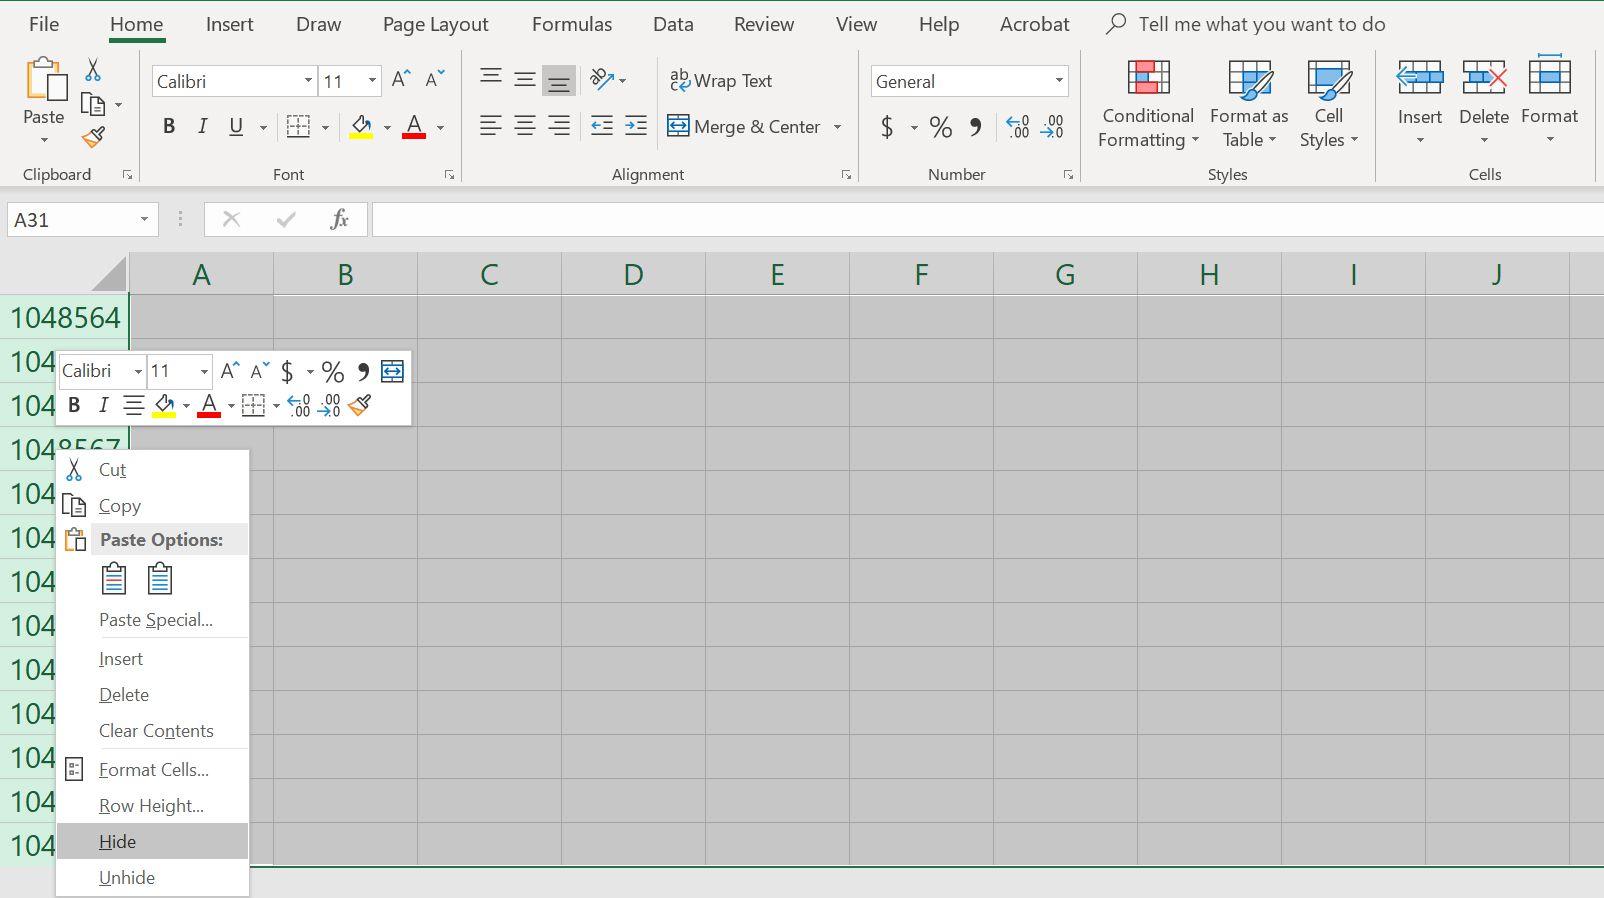 Worksheet Are Hidden In Excel